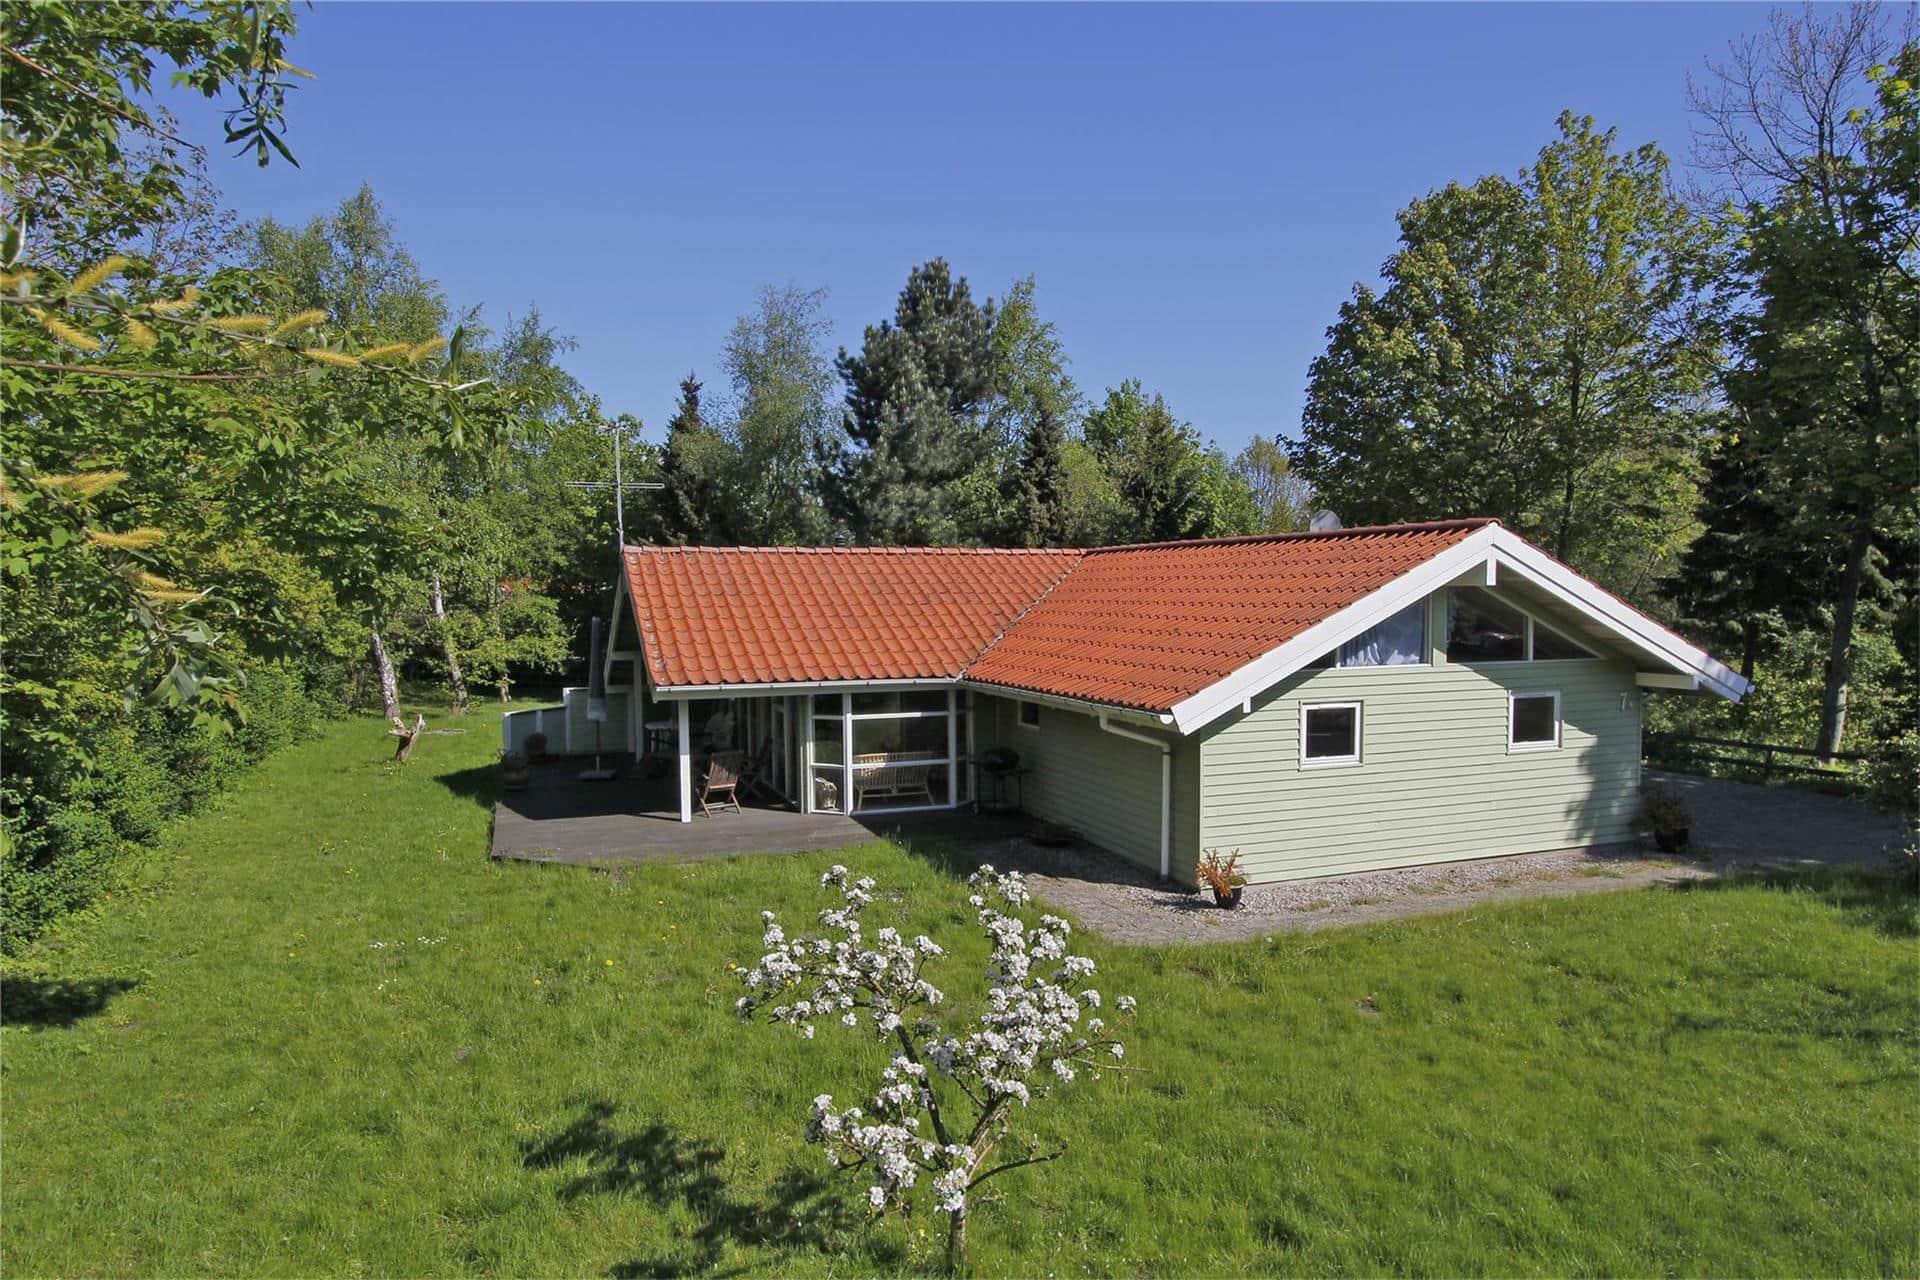 Bild 1-19 Ferienhaus 30552, Kystagervej 7, DK - 8300 Odder